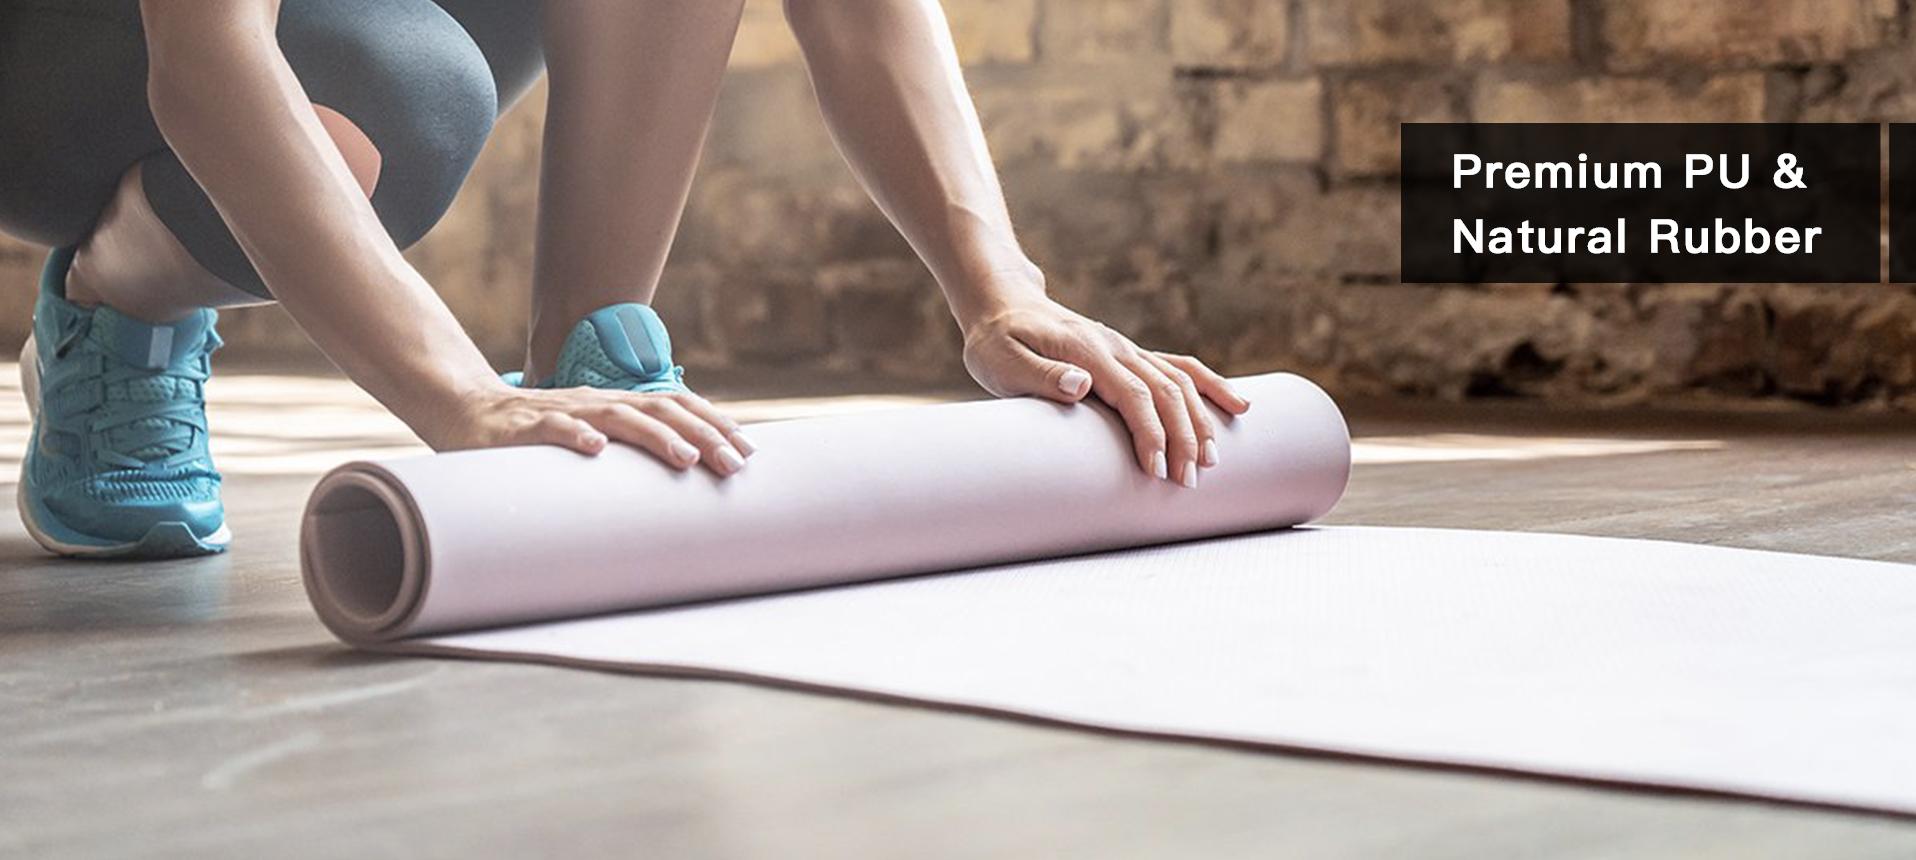 Sharklet yoga mats